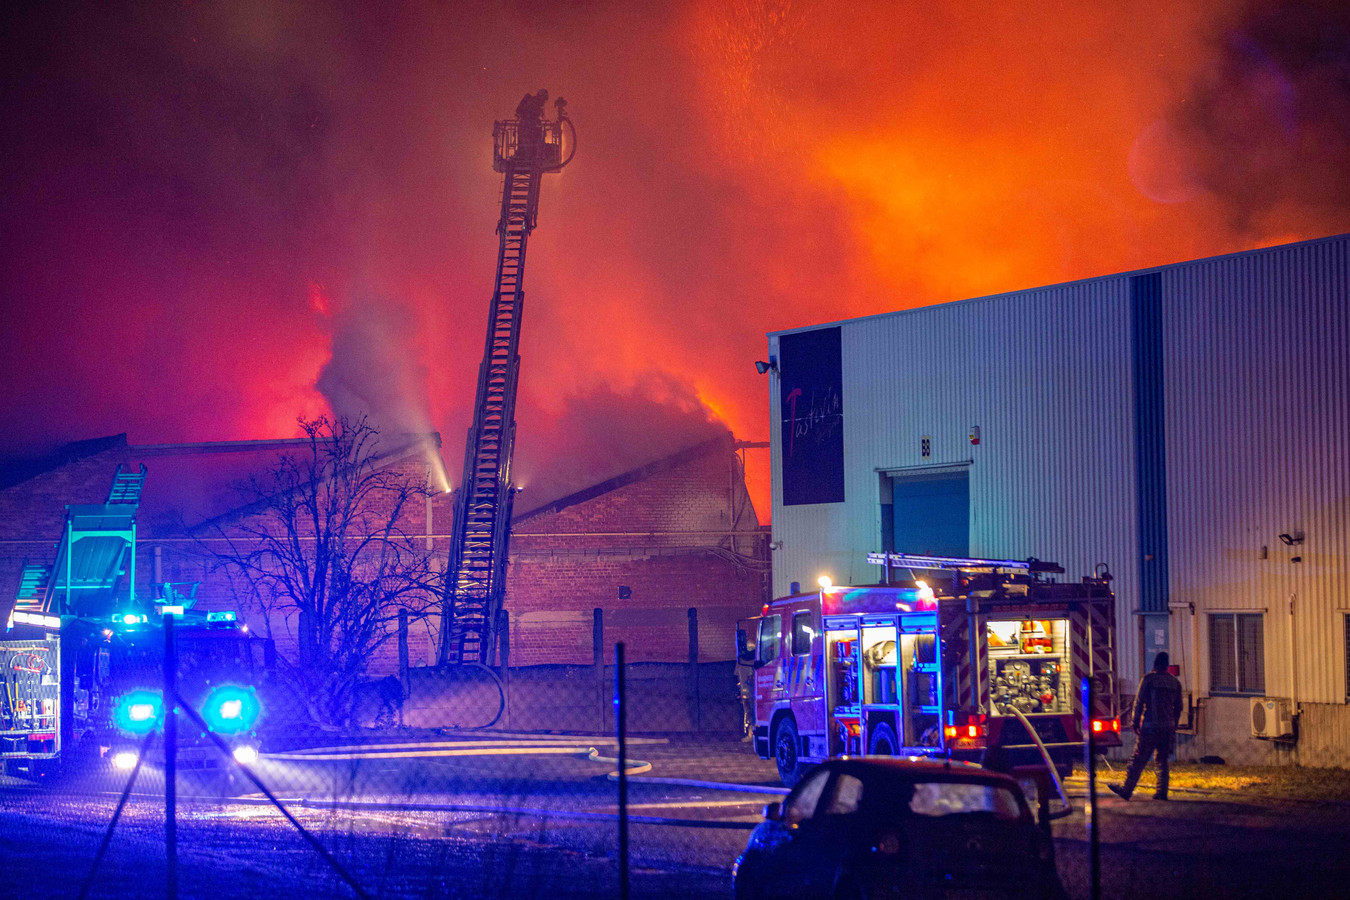 Brandweerzone Vlaams-Brabant West in volle actie tijdens de hevige brand van vorige week in Sint-Pieters-Leeuw.